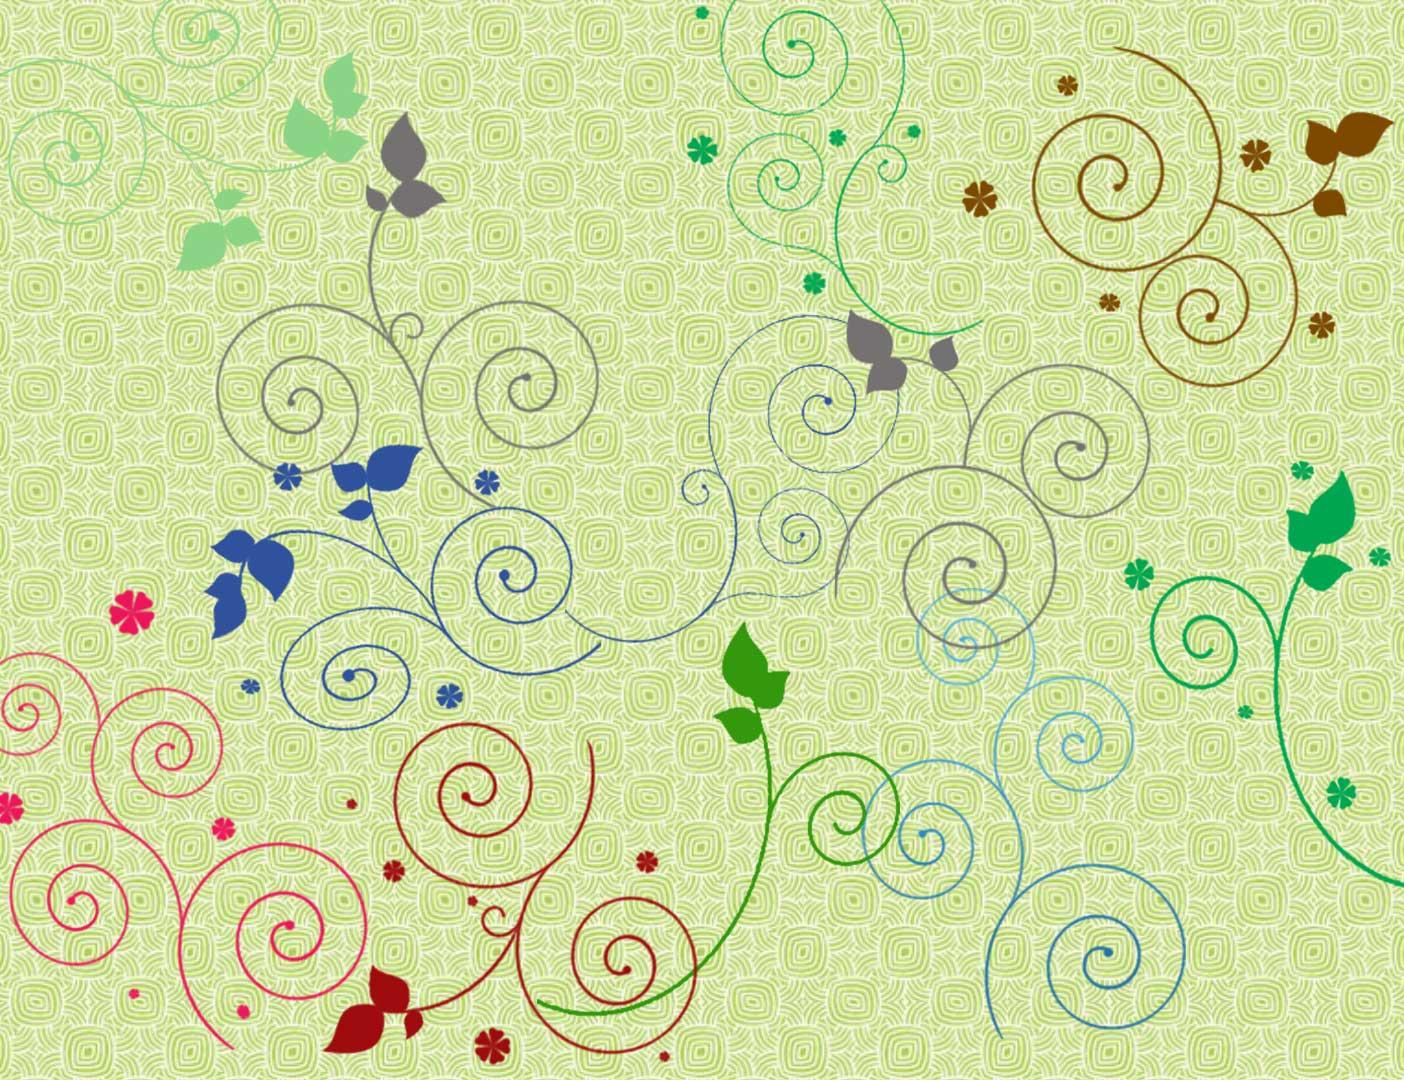 小清新文艺范漩涡枝条花纹艺术PS笔刷下载 漩涡花纹笔刷 植物花纹笔刷 文艺范花纹笔刷 小清新花纹笔刷 小清新笔刷  flowers brushes